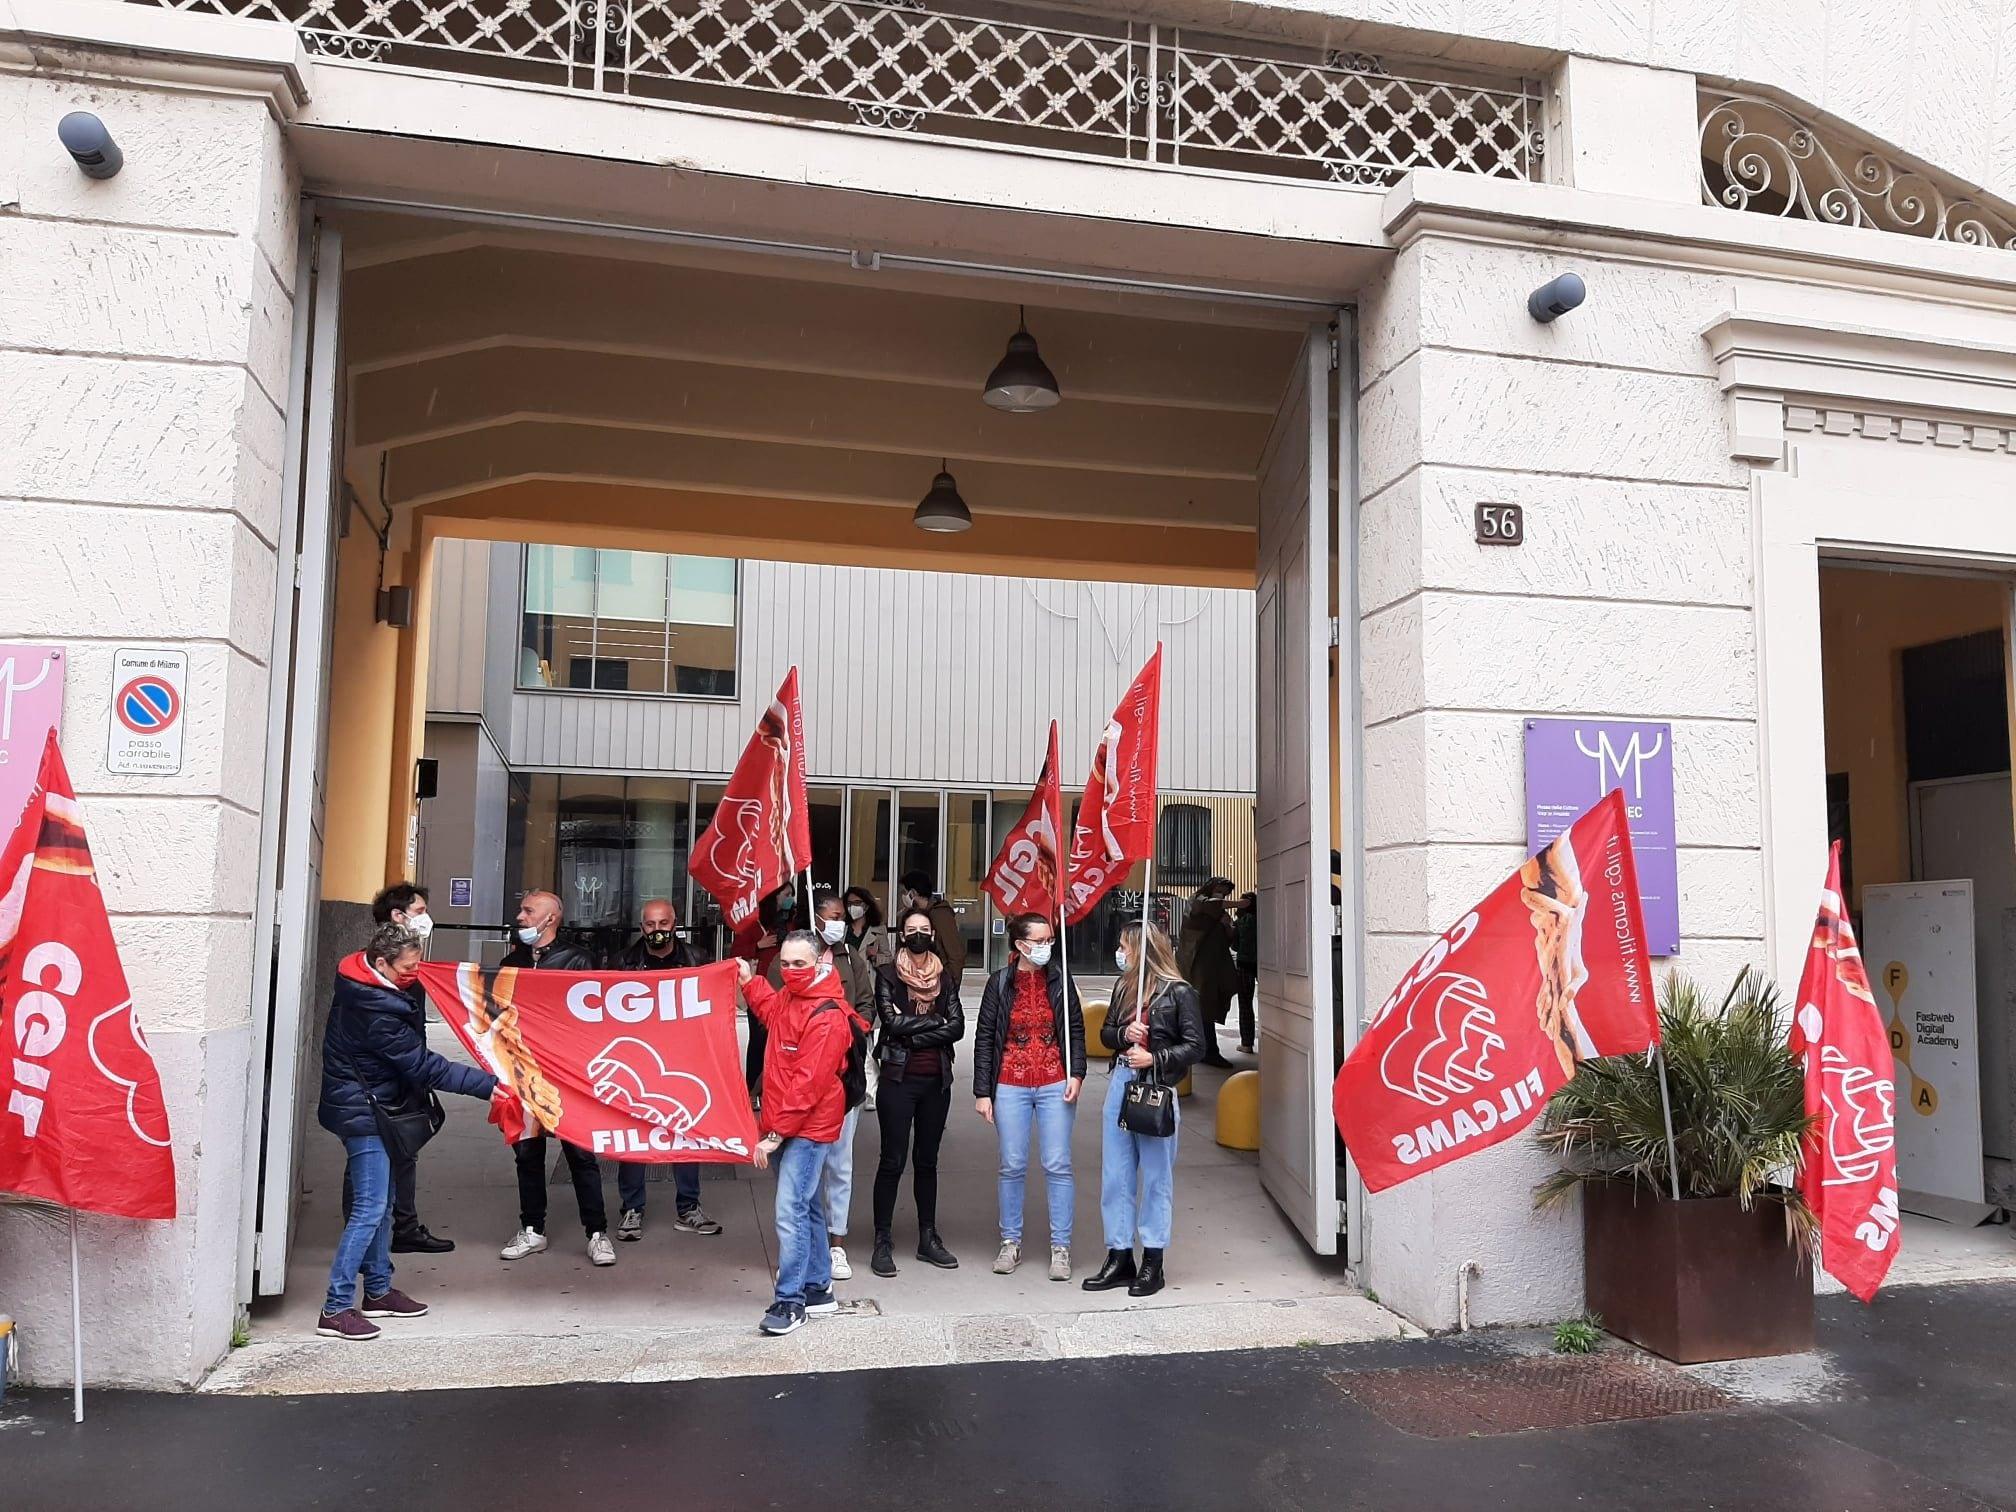 Il presidio dei lavoratori davanti al Mudec (Foto Filcams Cgil)